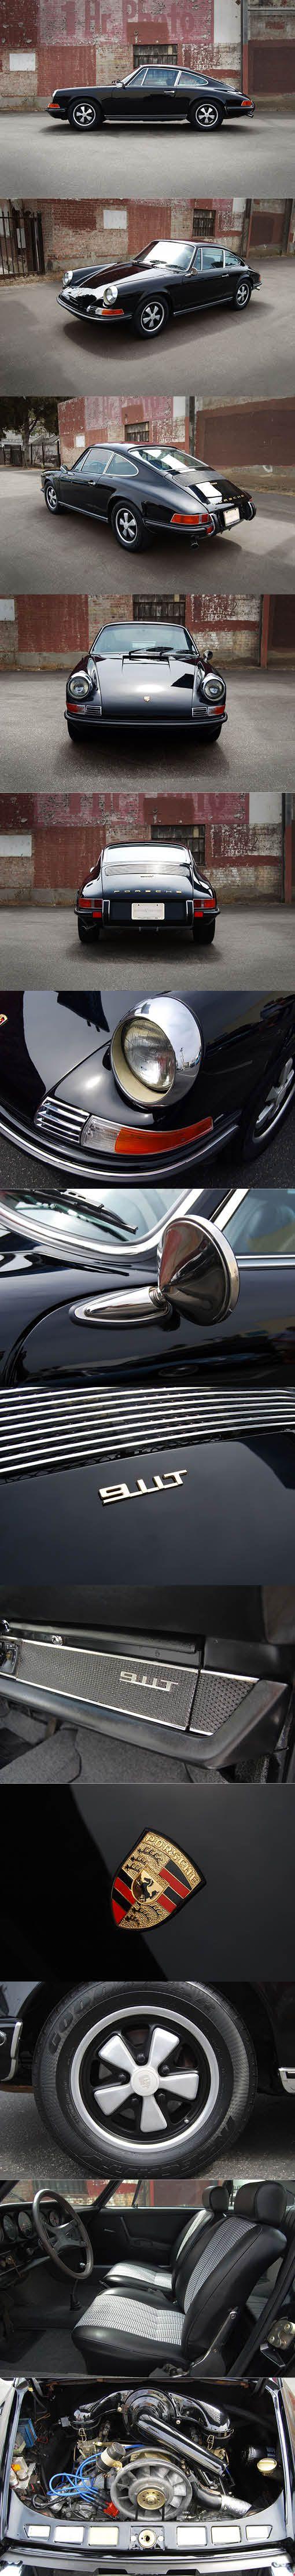 1971 Porsche 911 T / Germany / black ...repinned für Gewinner!  - jetzt gratis Erfolgsratgeber sichern www.ratsucher.de